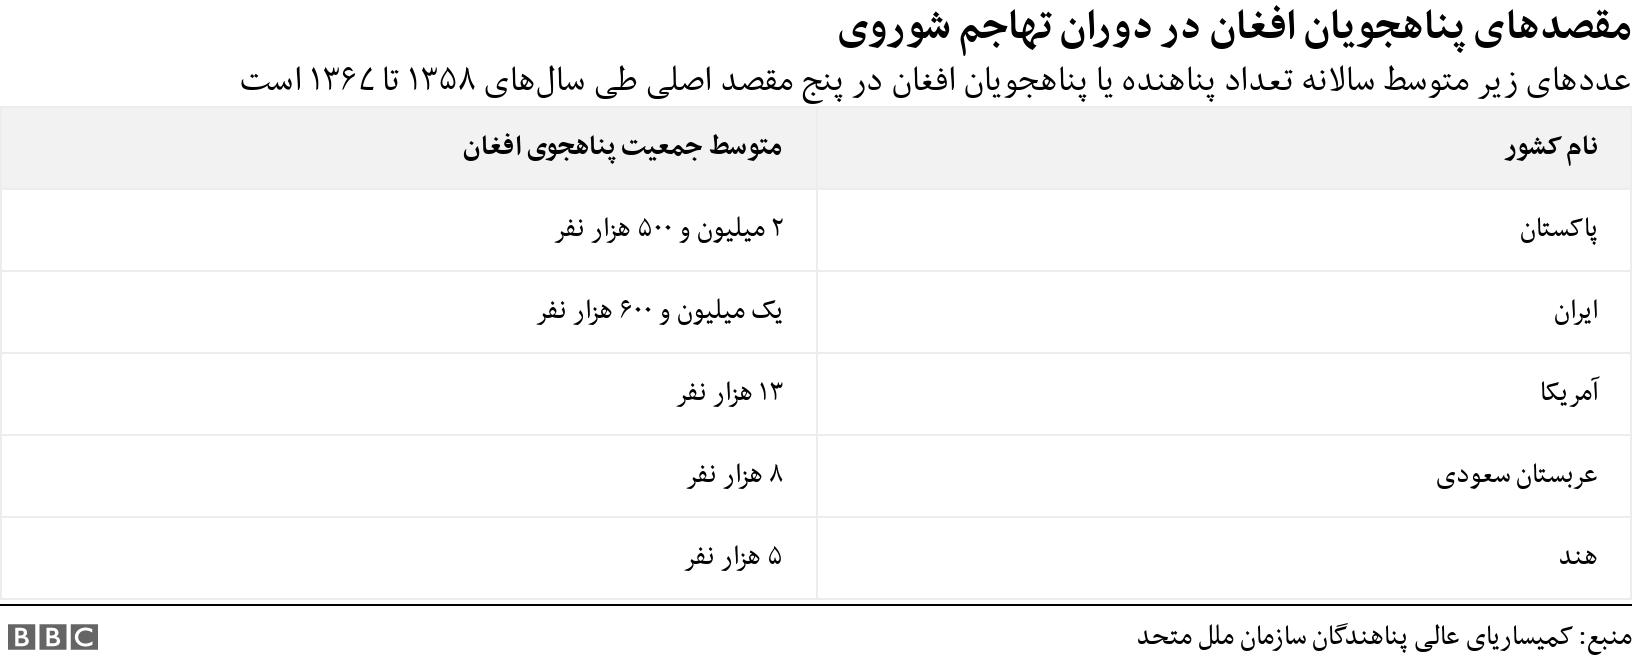 مقصدهای پناهجویان افغان در دوران تهاجم شوروی. عددهای زیر متوسط سالانه تعداد پناهنده یا پناهجویان افغان در پنج مقصد اصلی طی سالهای ۱۳۵۸ تا ۱۳۶۷ است.  .